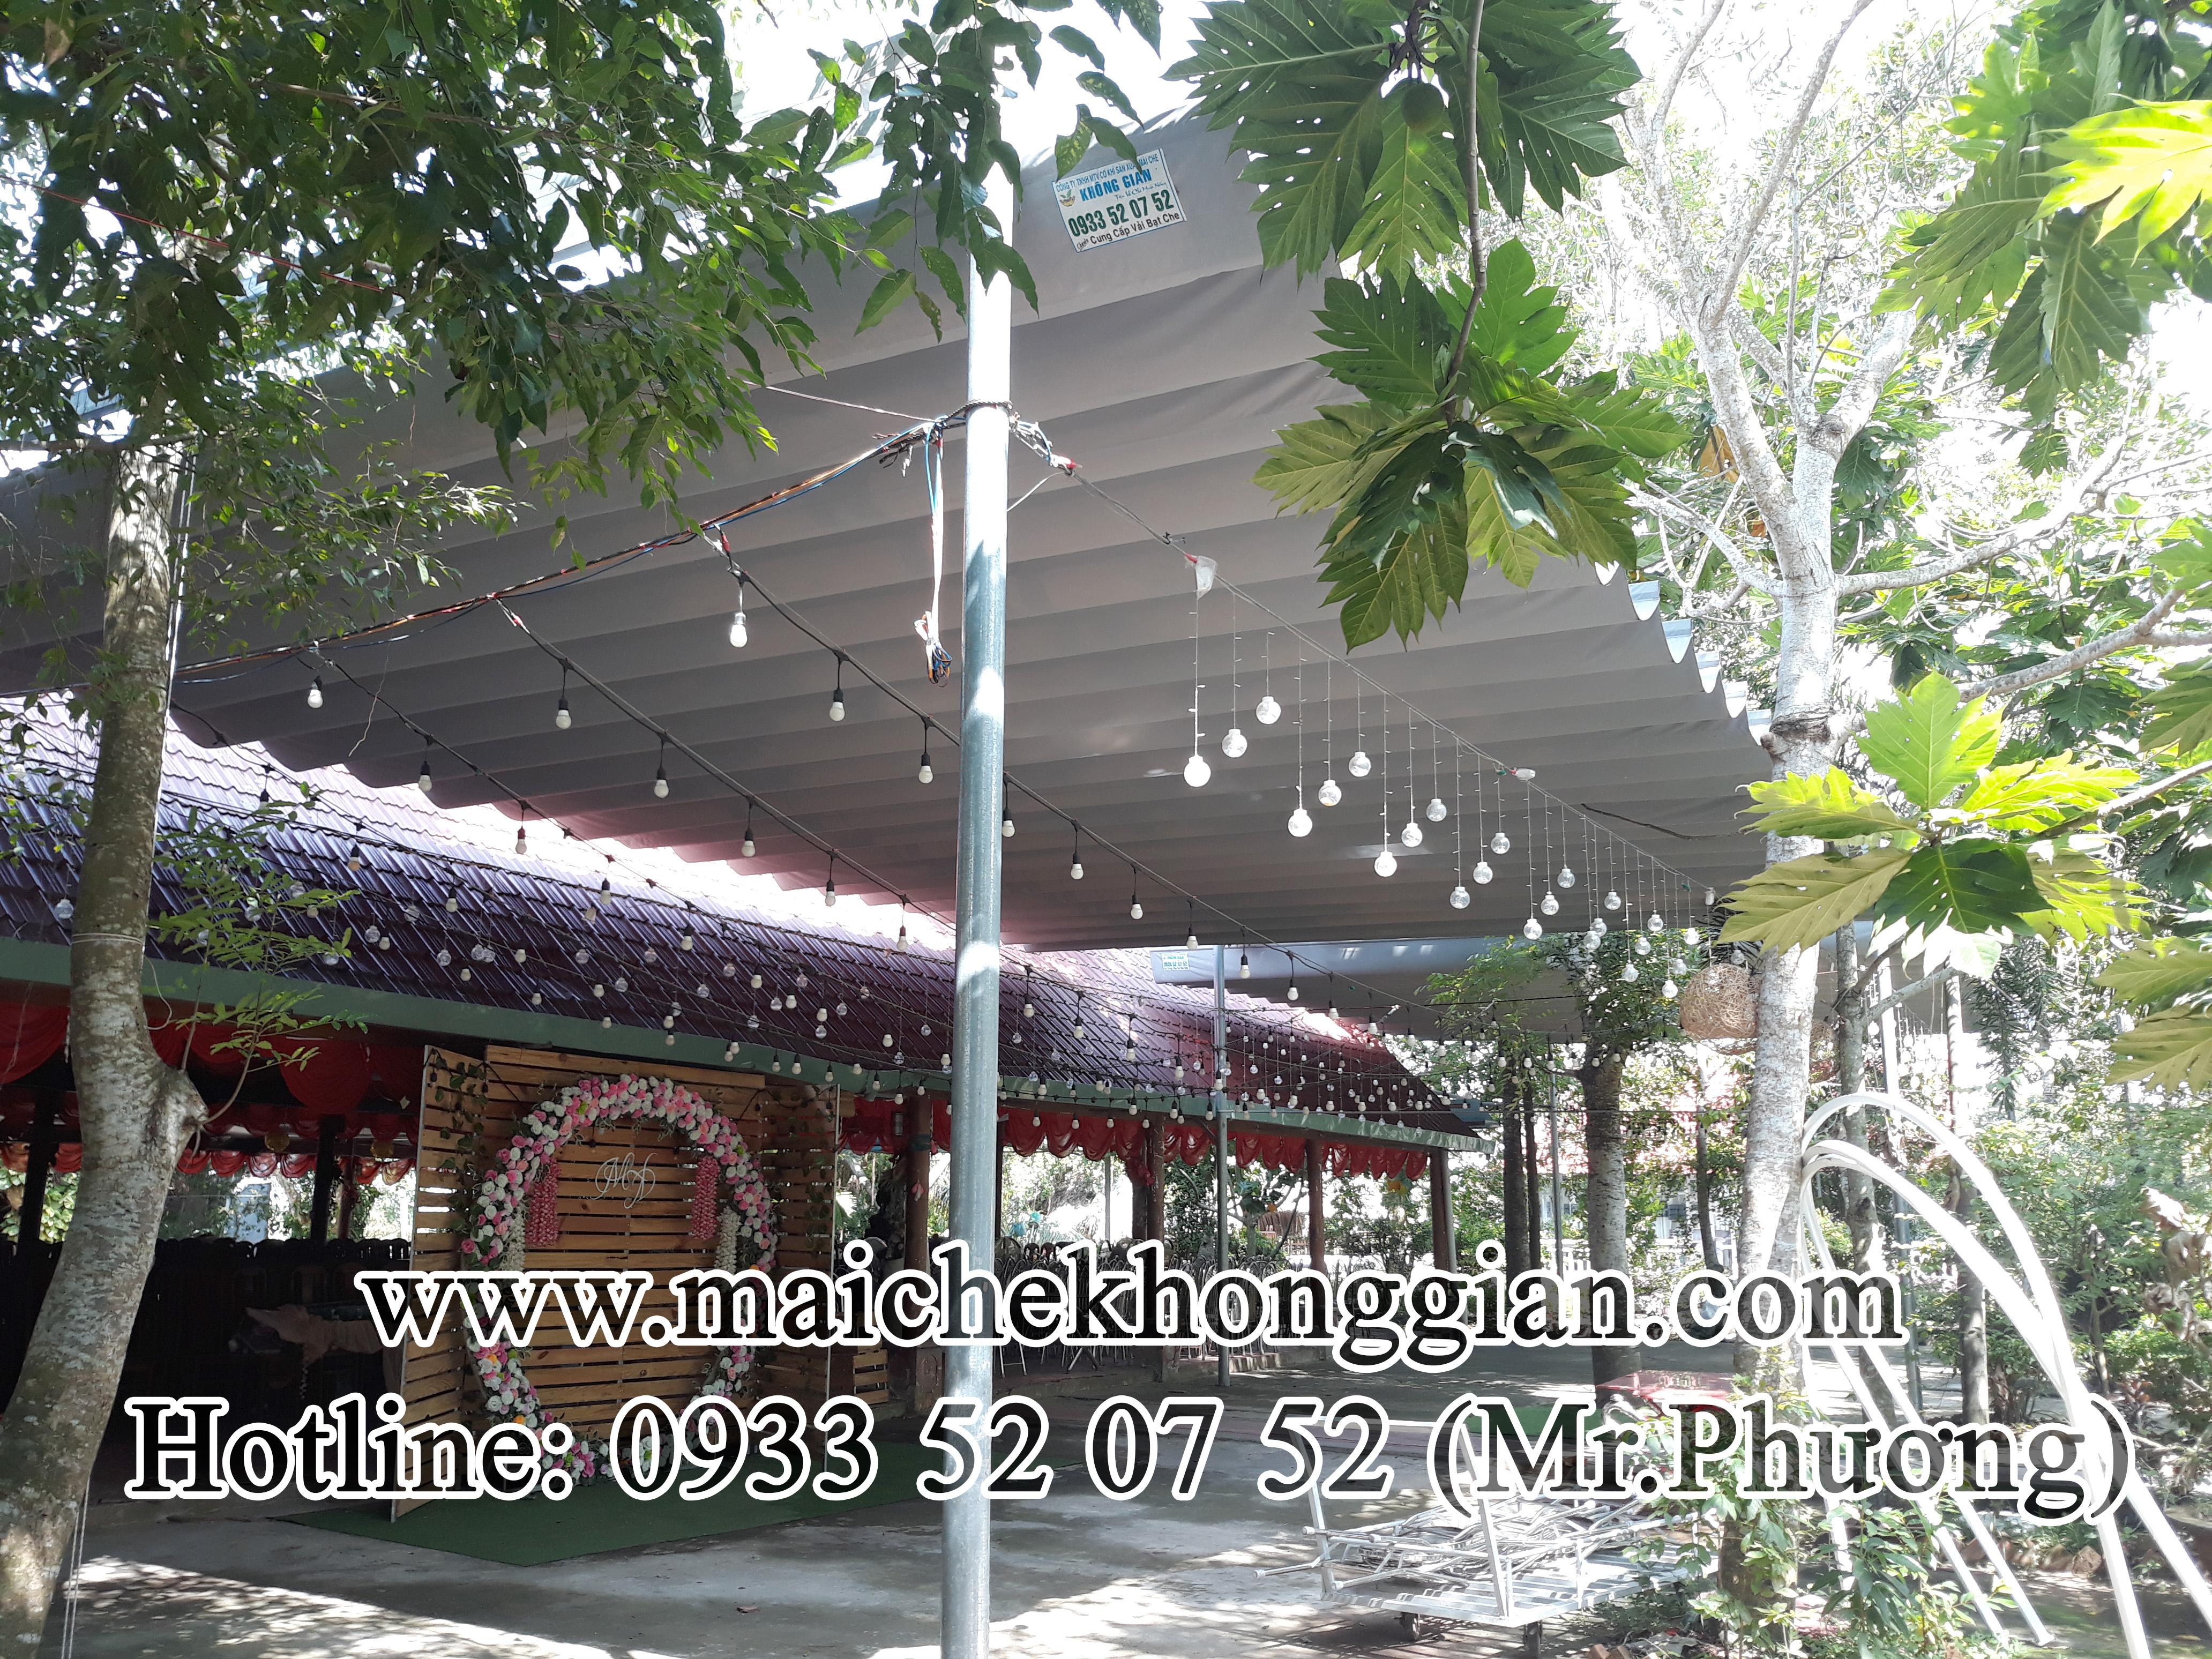 Thay bạt mái che Huyện Phú Tân Cà Mau